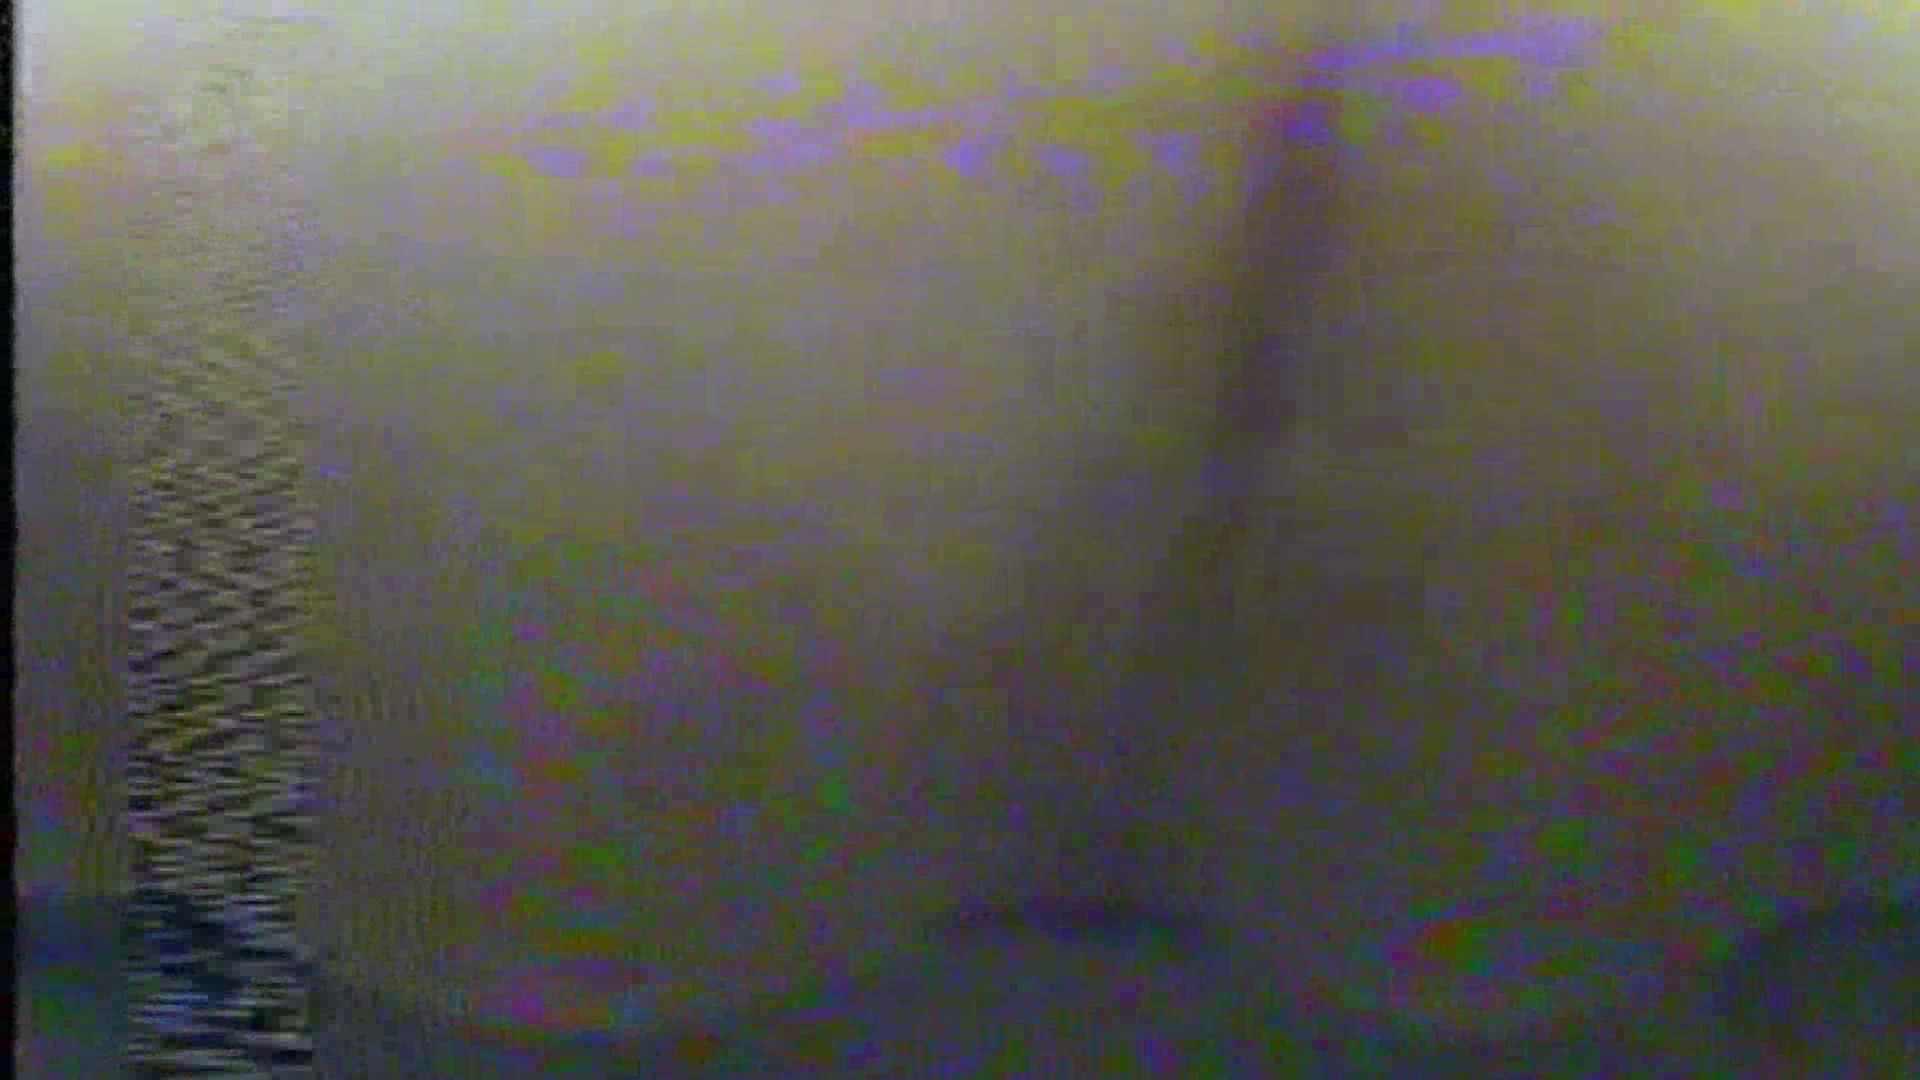 キレカワ女子大生の秘密の洗面所!Vol.045 美しいOLの裸体 オマンコ無修正動画無料 105pic 82